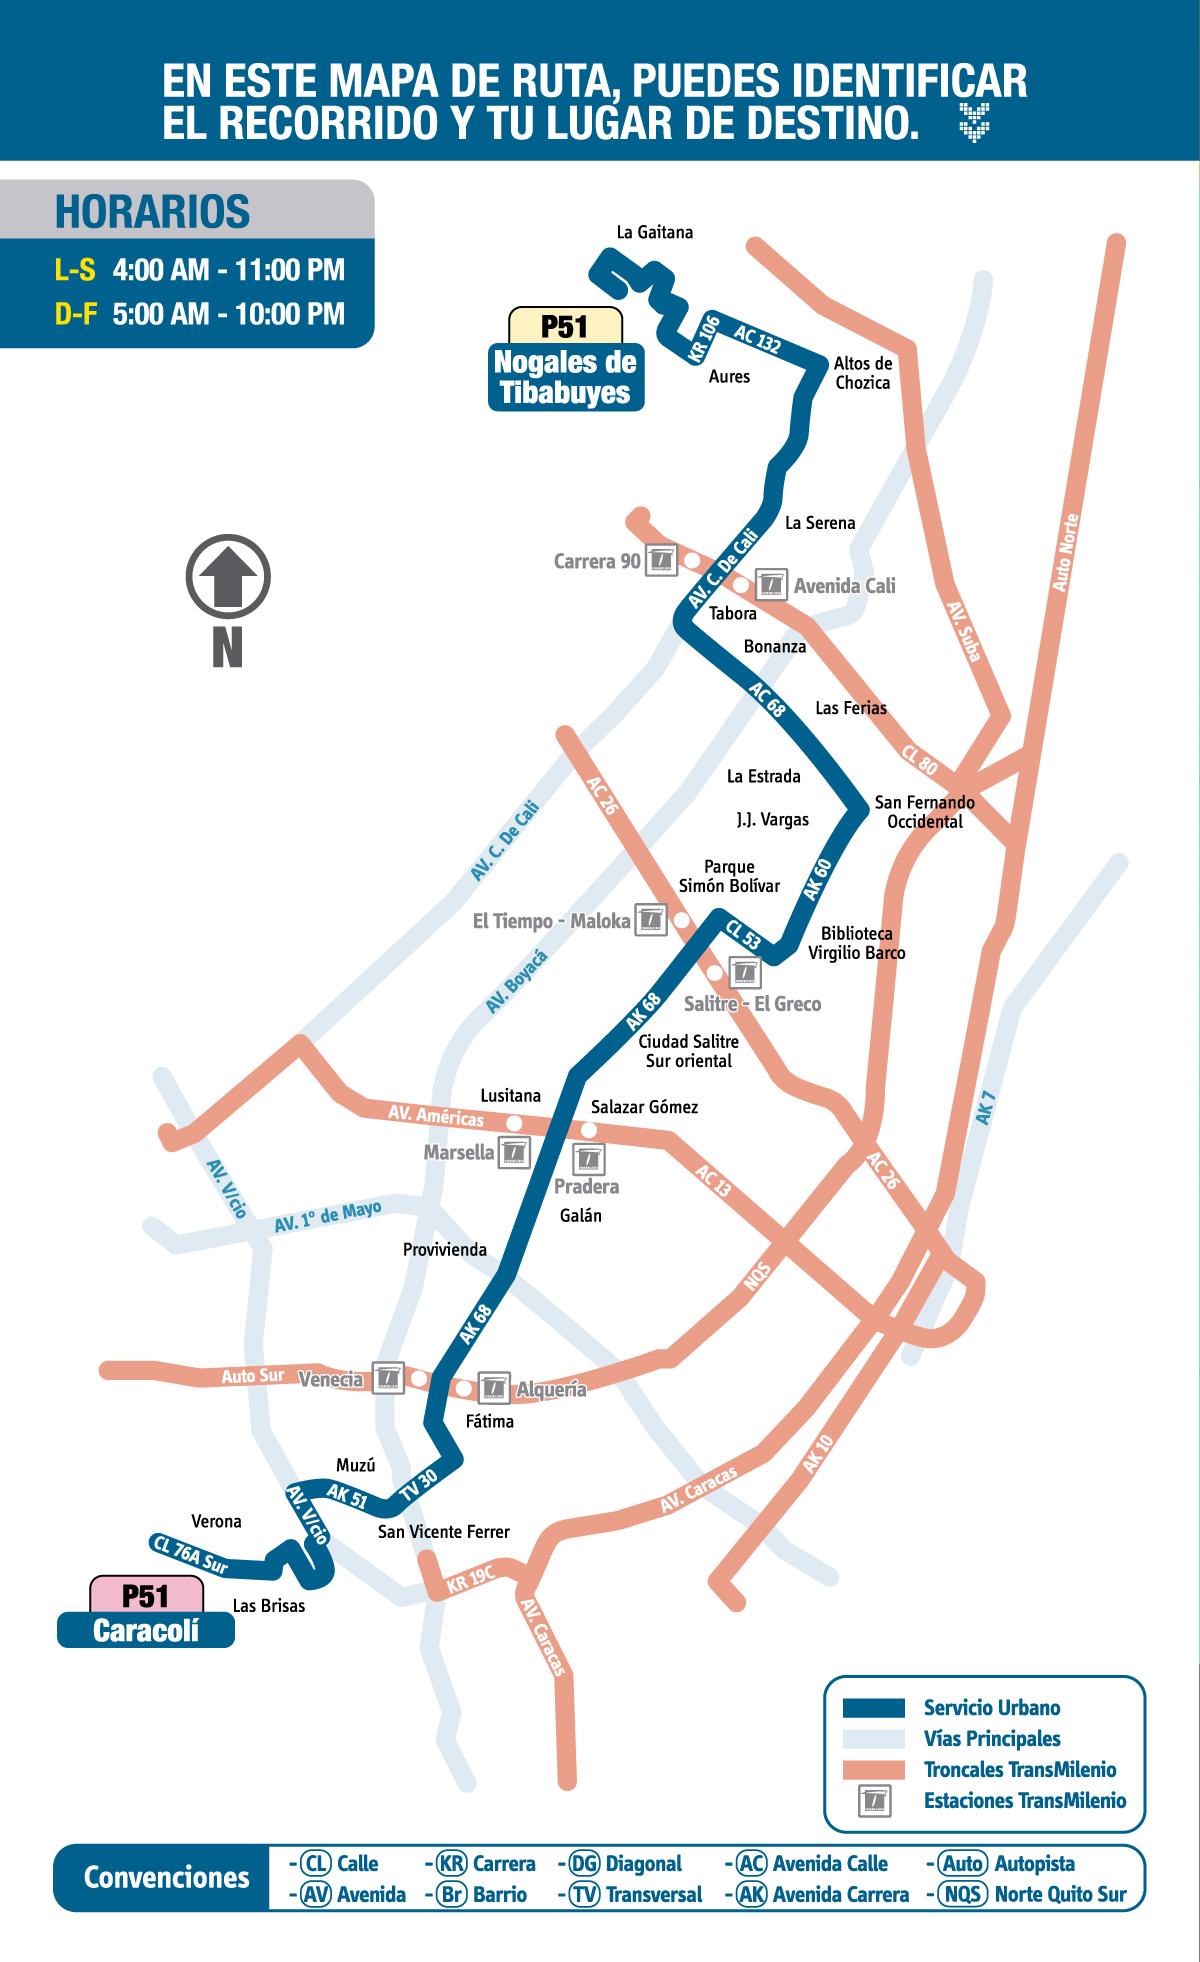 Mapa esquemático ruta P51 Nogales de Tibabuyes - Caracolí